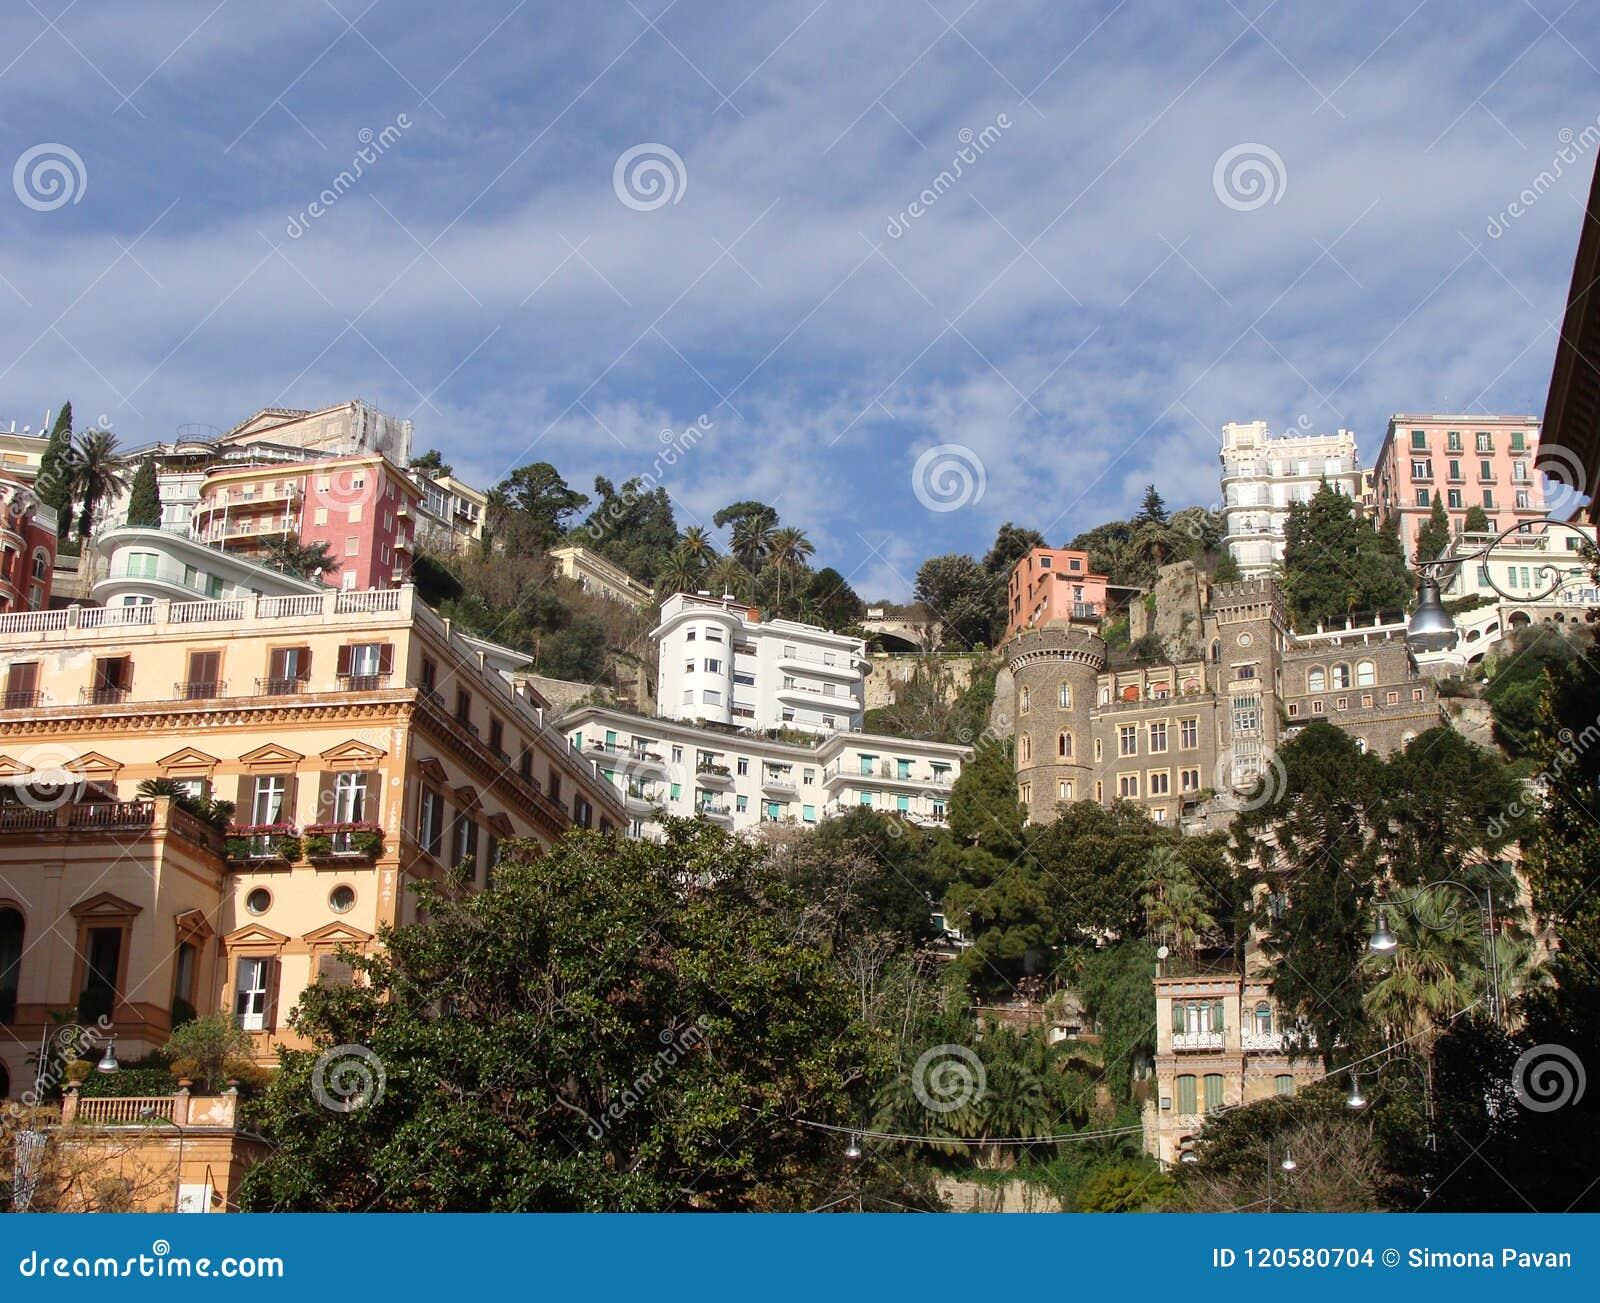 Ansicht von Chiaia-Bezirk in Neapel